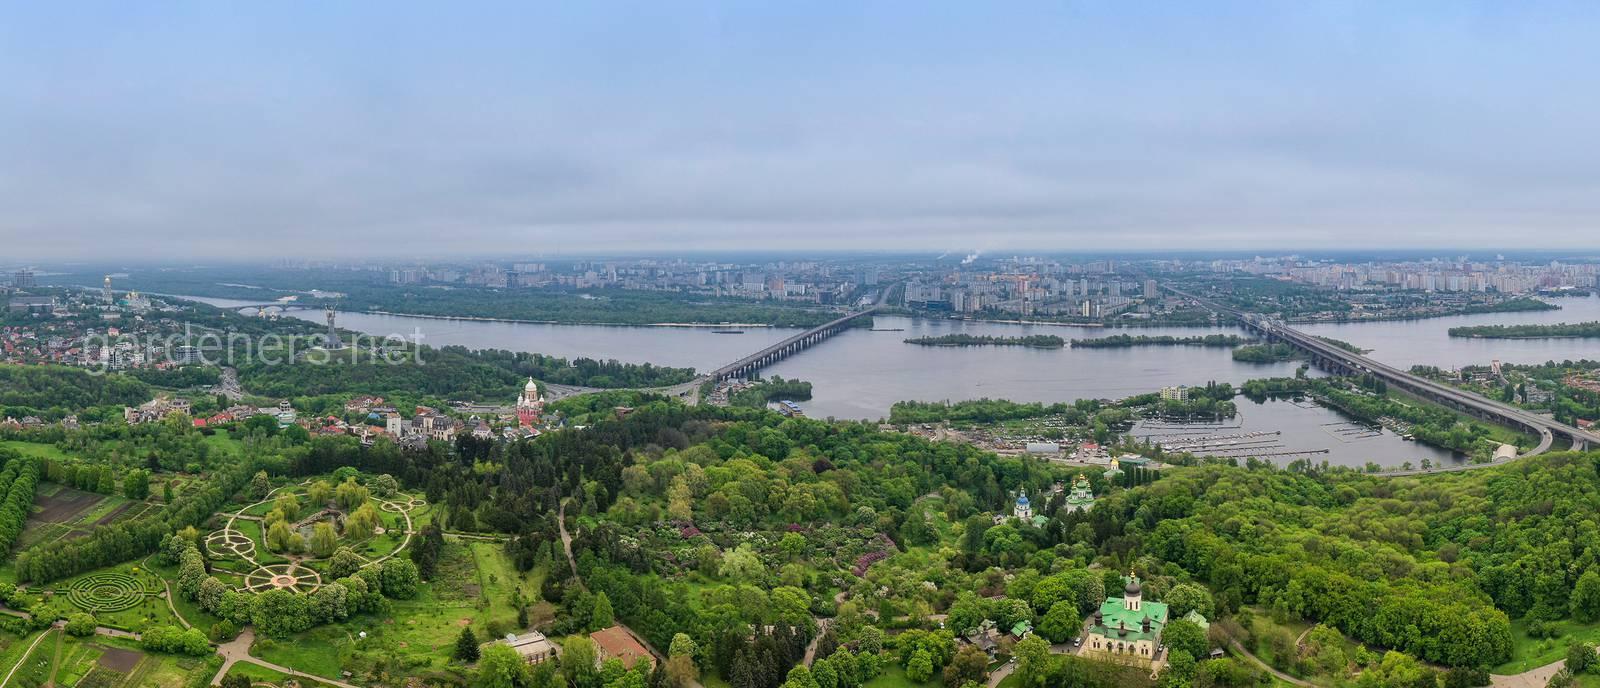 Ботсад, Киев